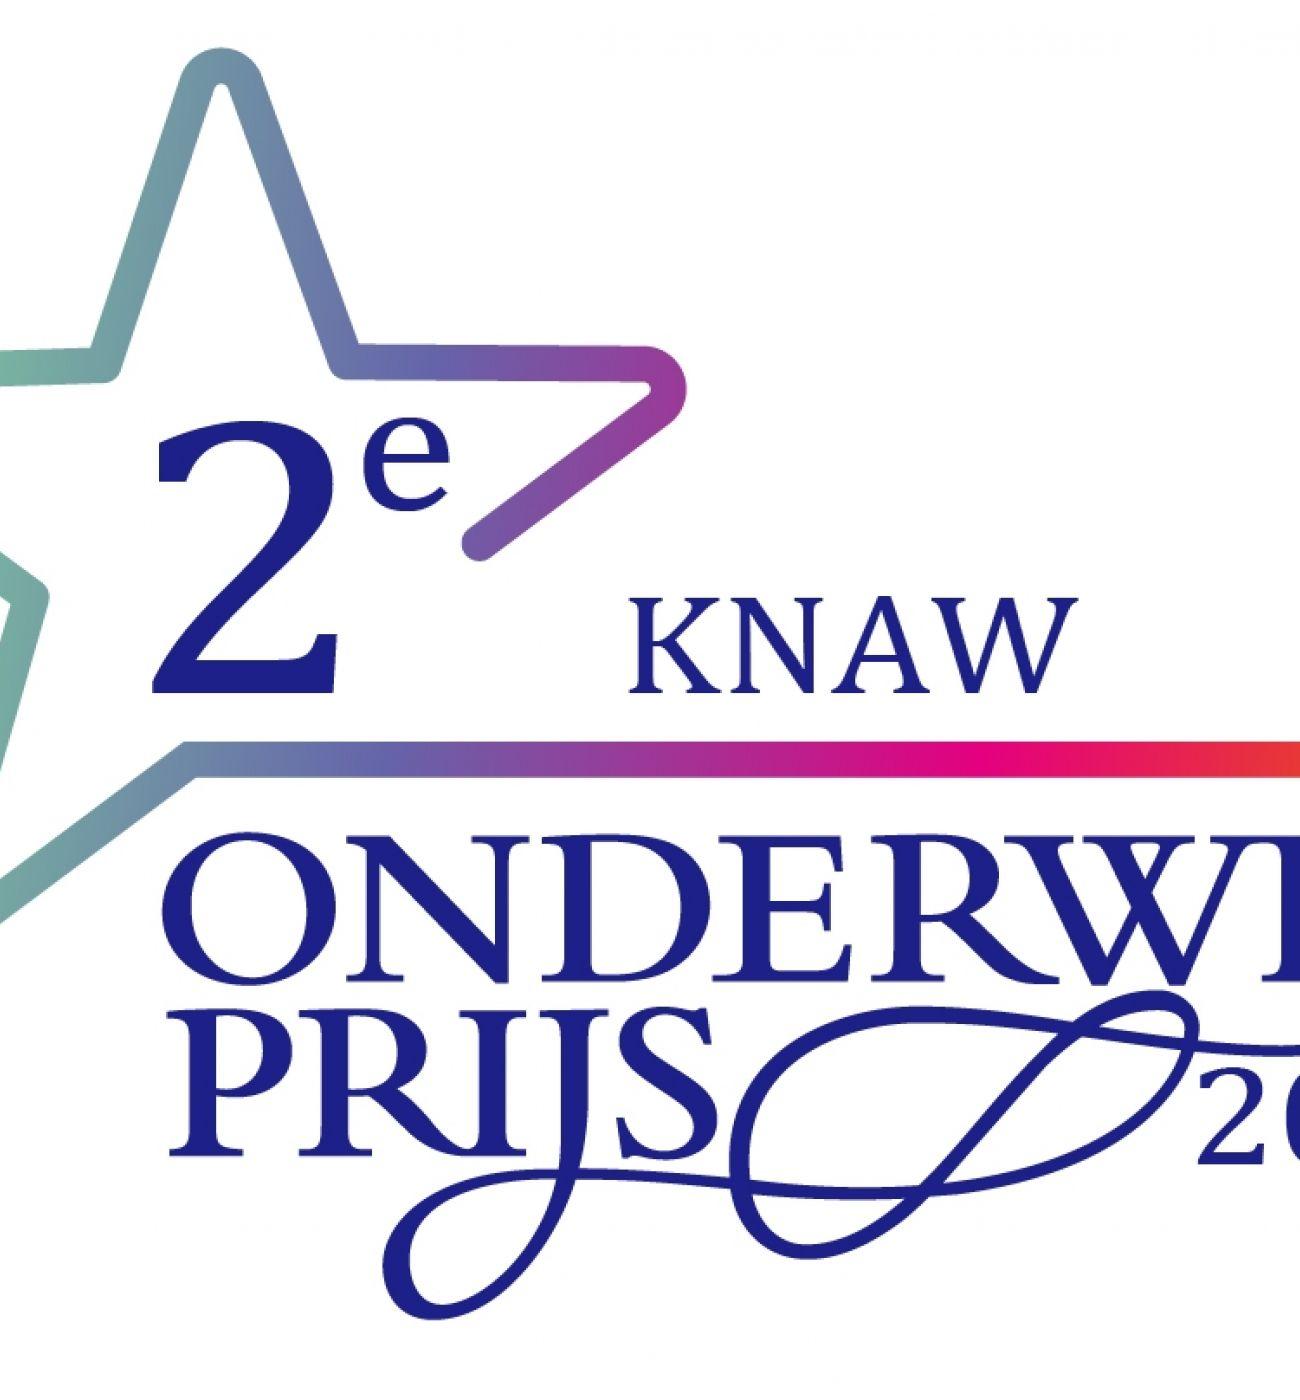 Noa Esselbrugge en Geanne Timmerman winnen tweede prijs met PWS